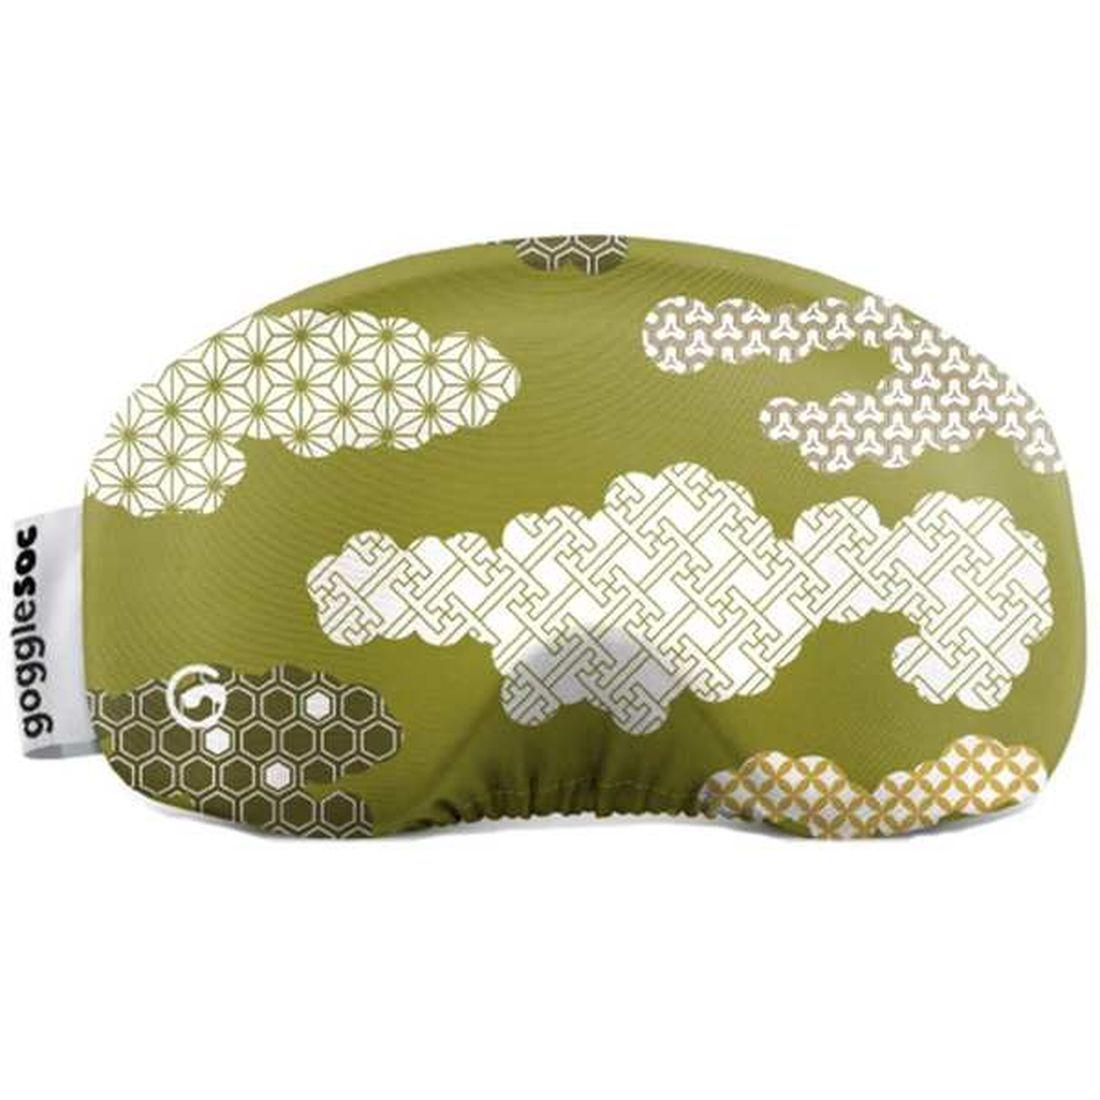 ゴーグルソック gogglesoc JAPANモデル ゴーグルカバー  国内正規品